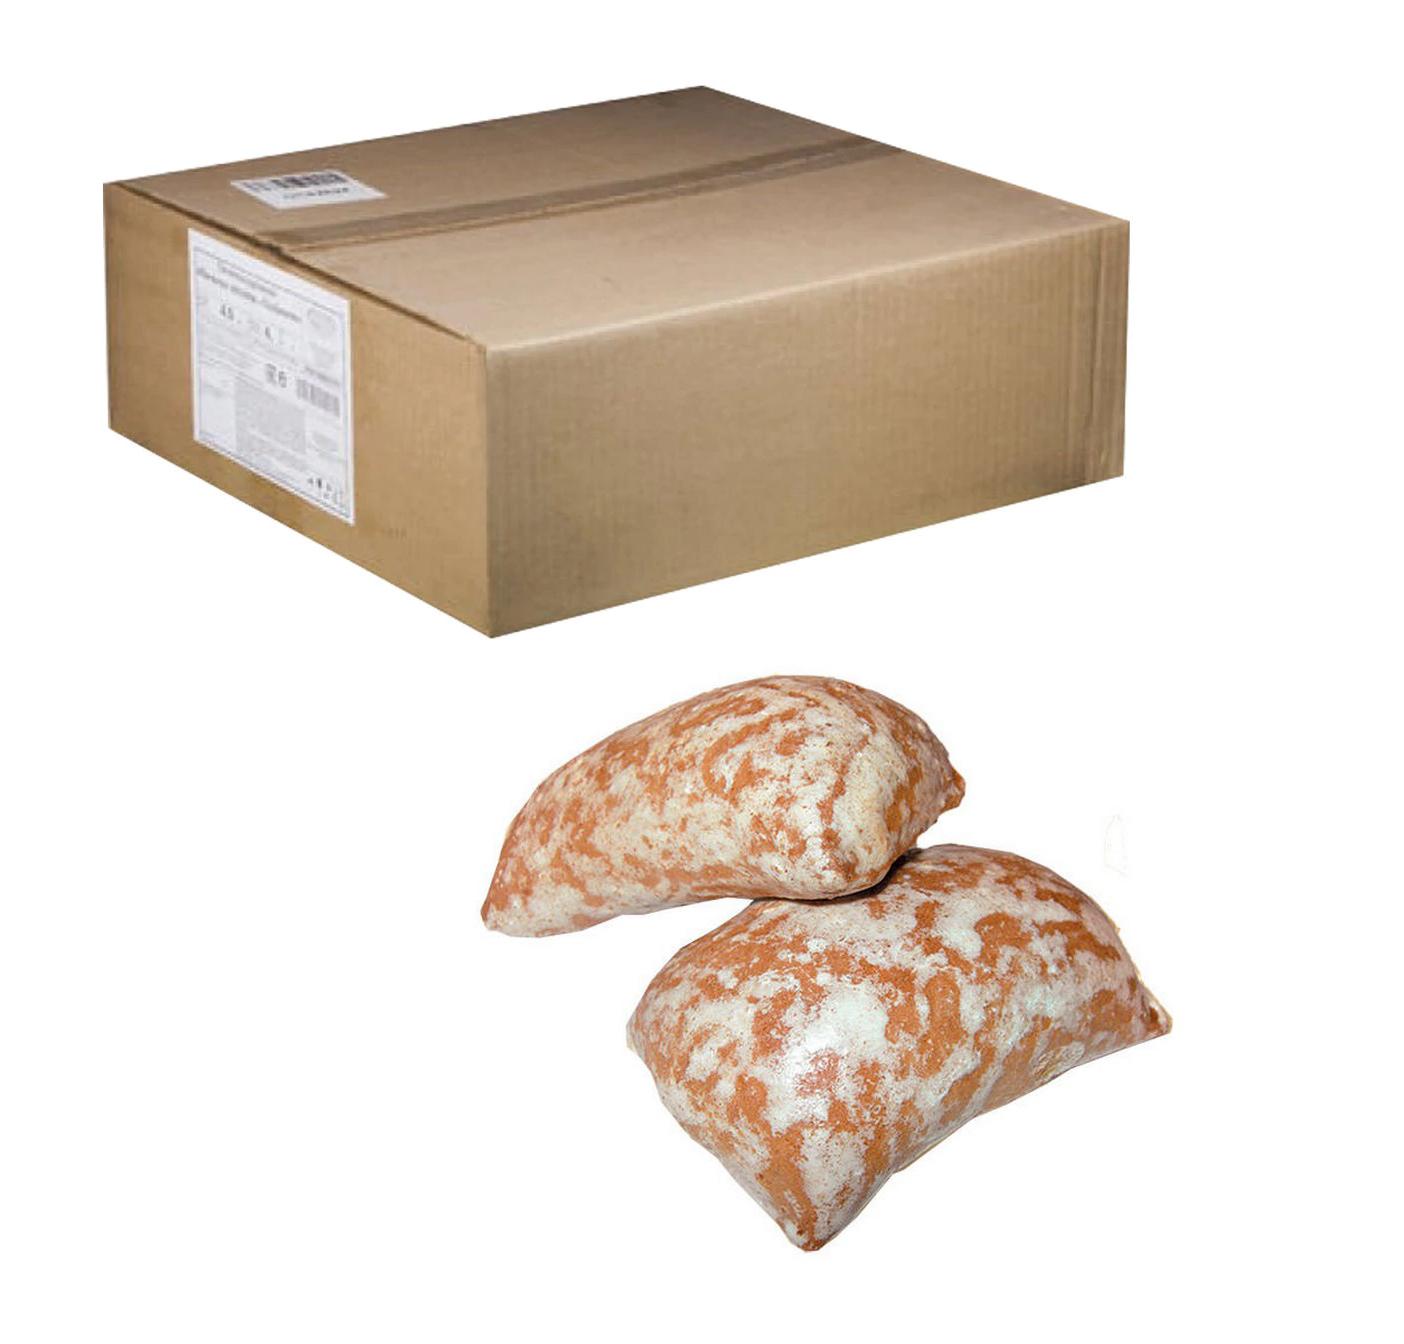 Пряники Рыжик абрикосовый, 4,5кг. Жако - фото 2